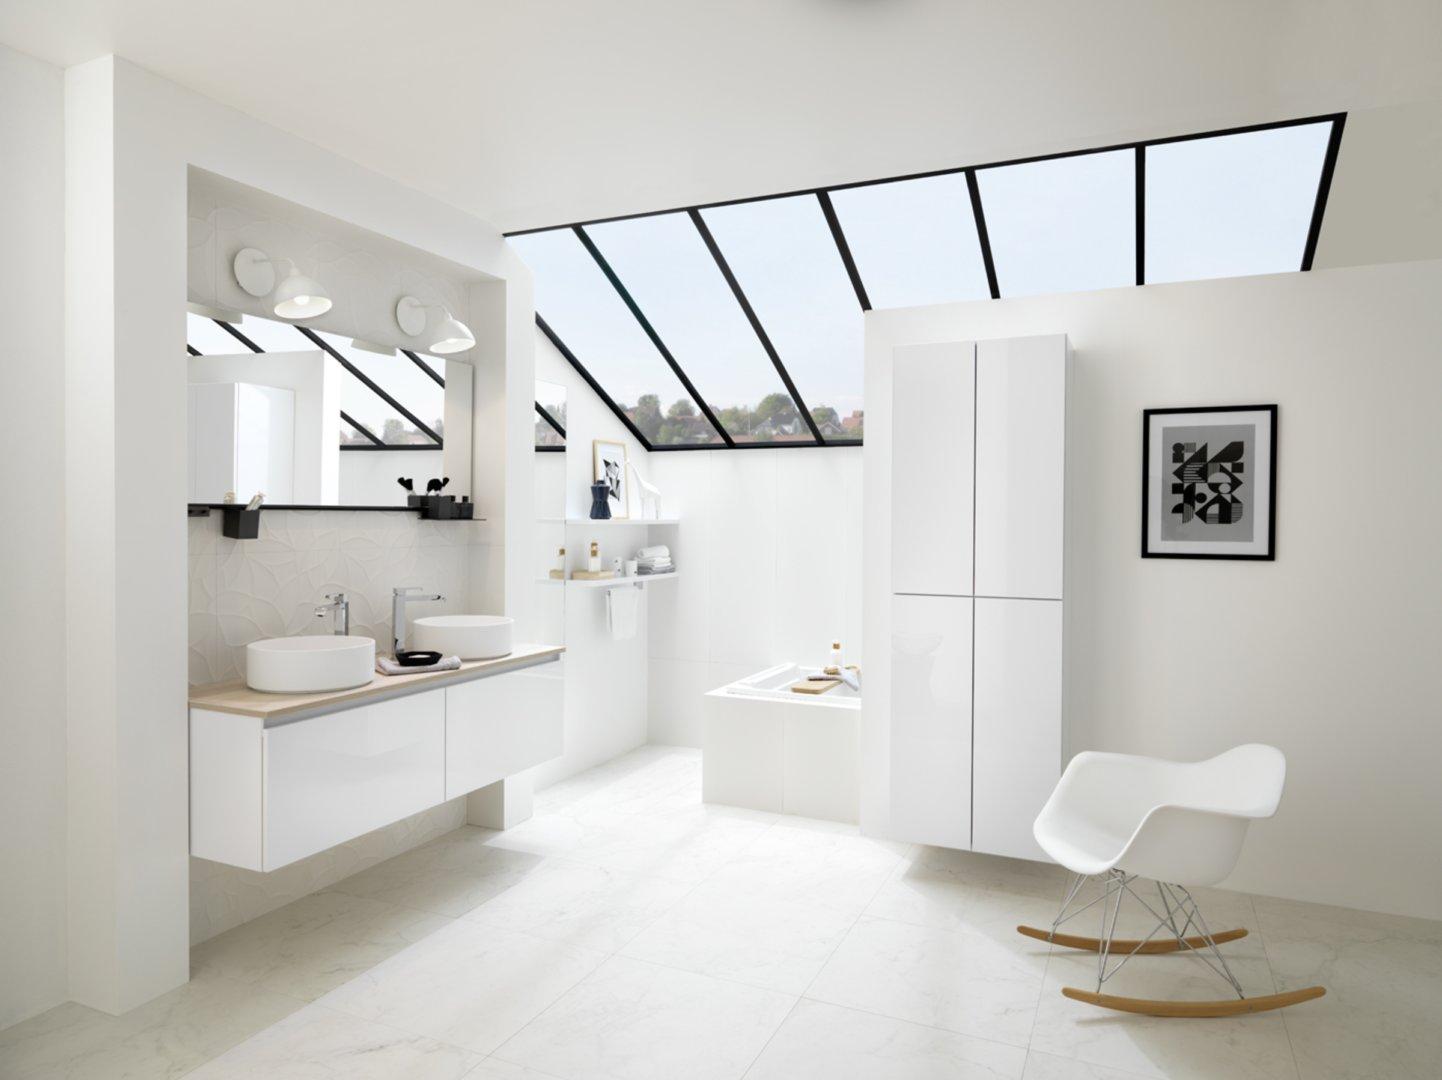 Salle de bains moderne sur mesure Schmidt